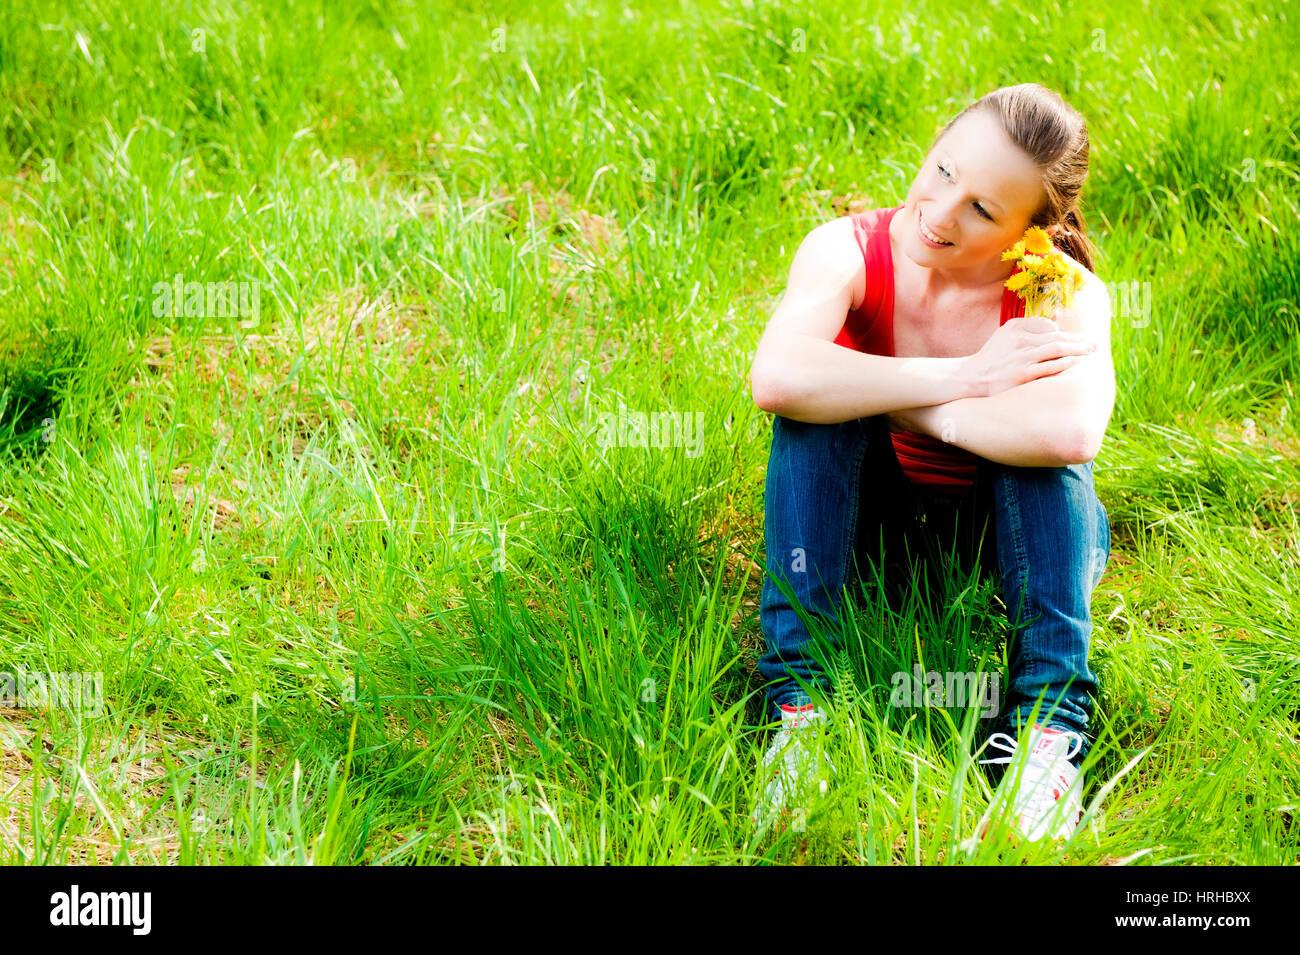 Model released, Junge Frau mit Loewenzahnblumen in Fruehlingswiese - young woman in spring Stock Photo